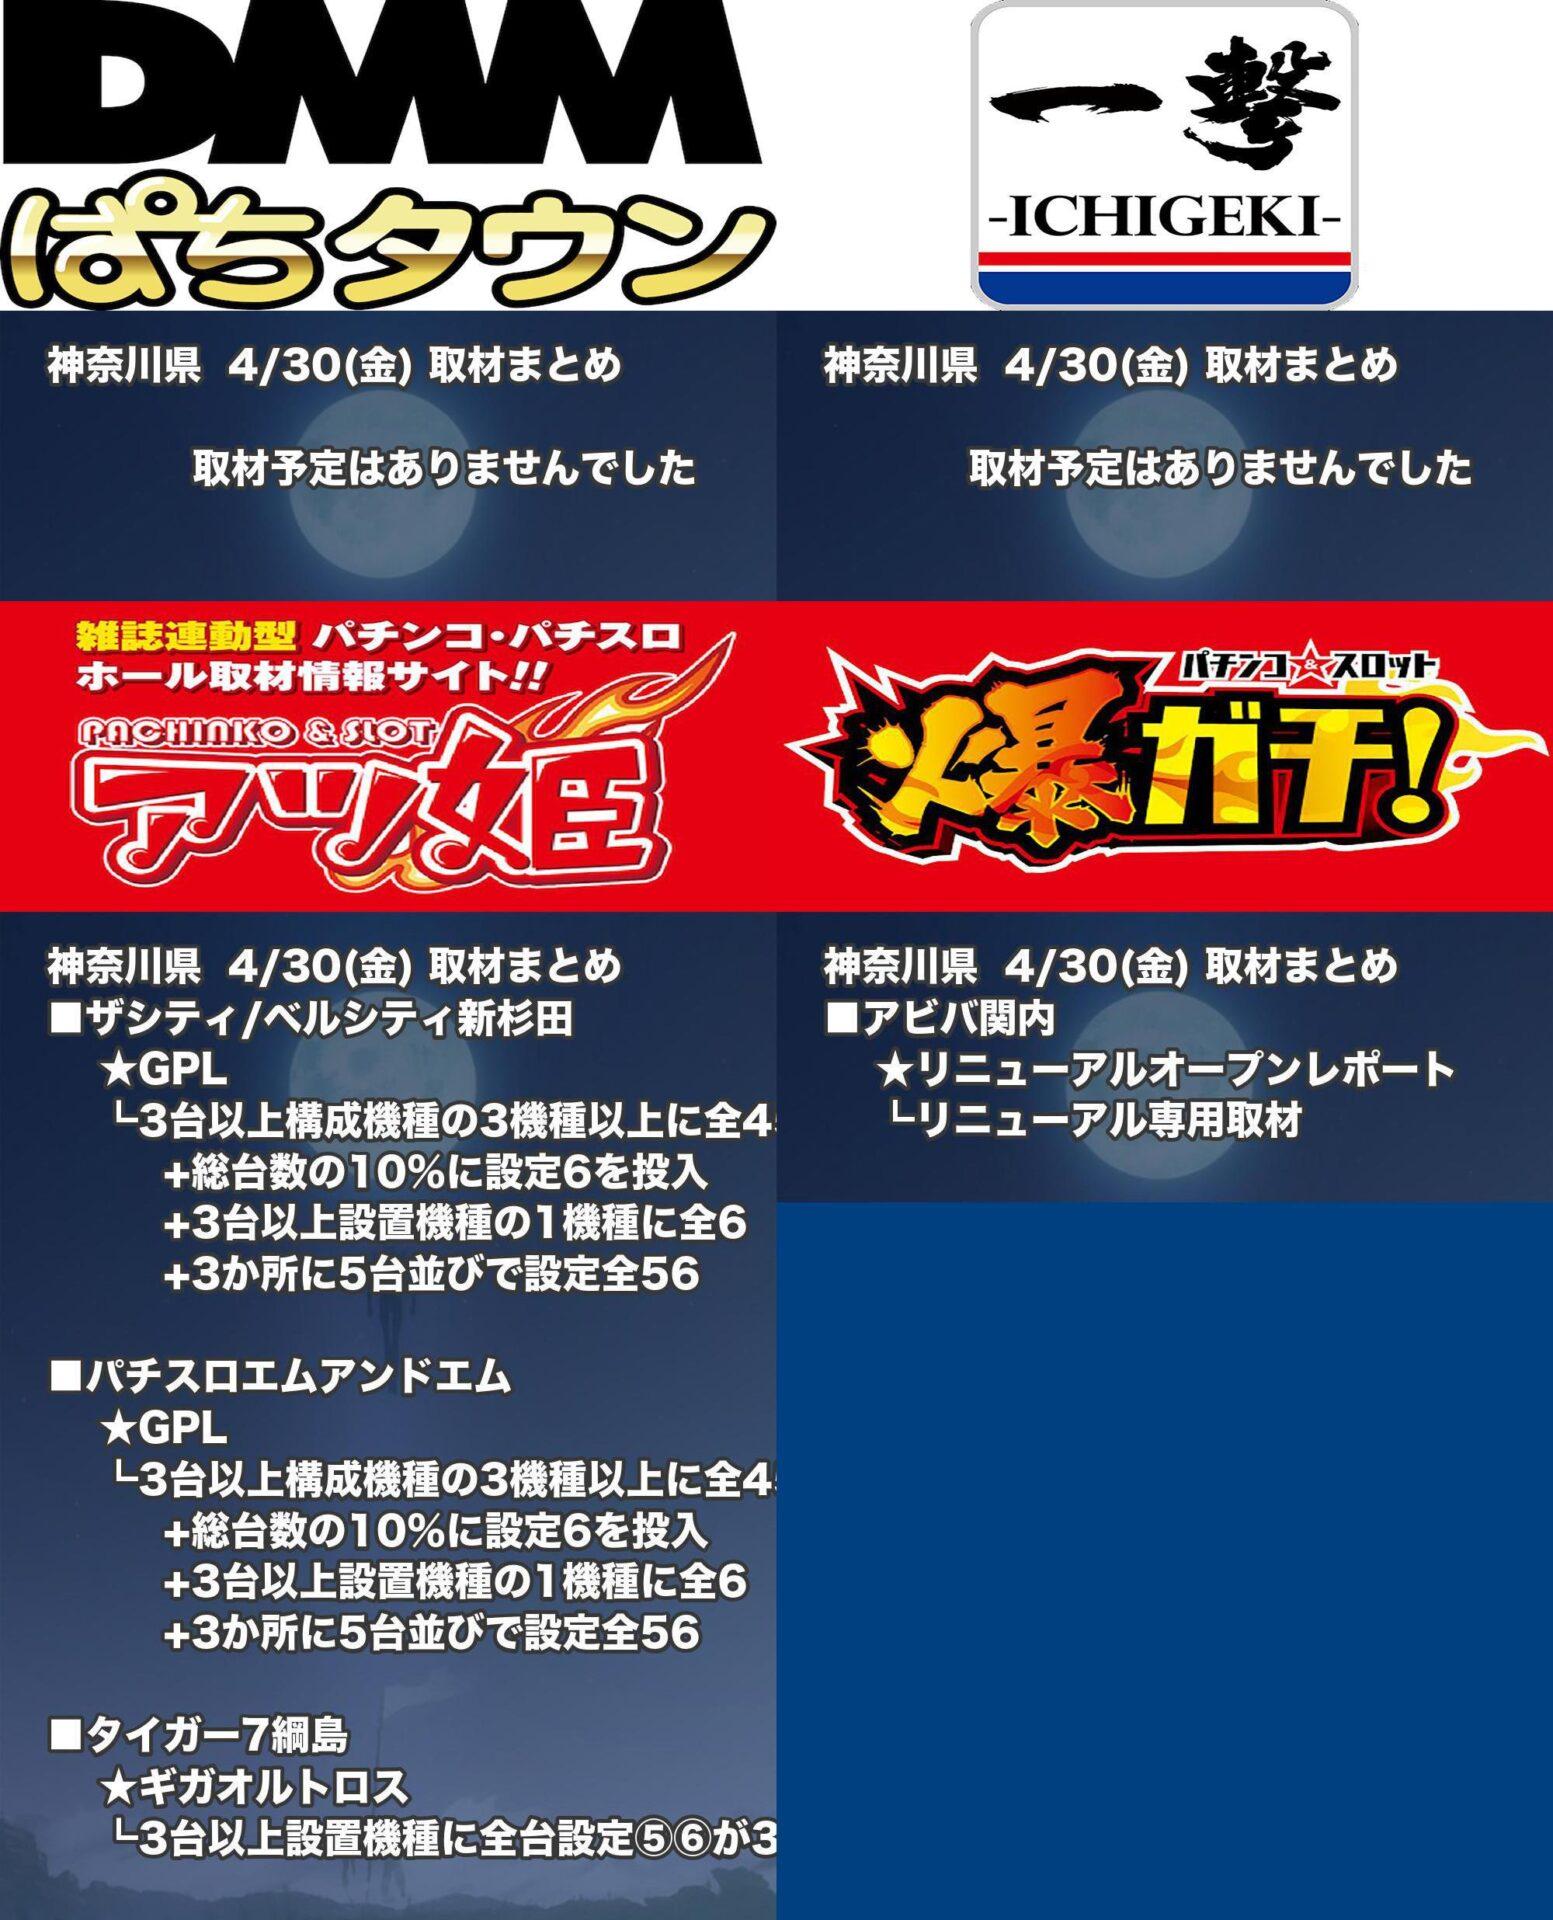 神奈川県_2021-04-30_パチンコ・パチスロ